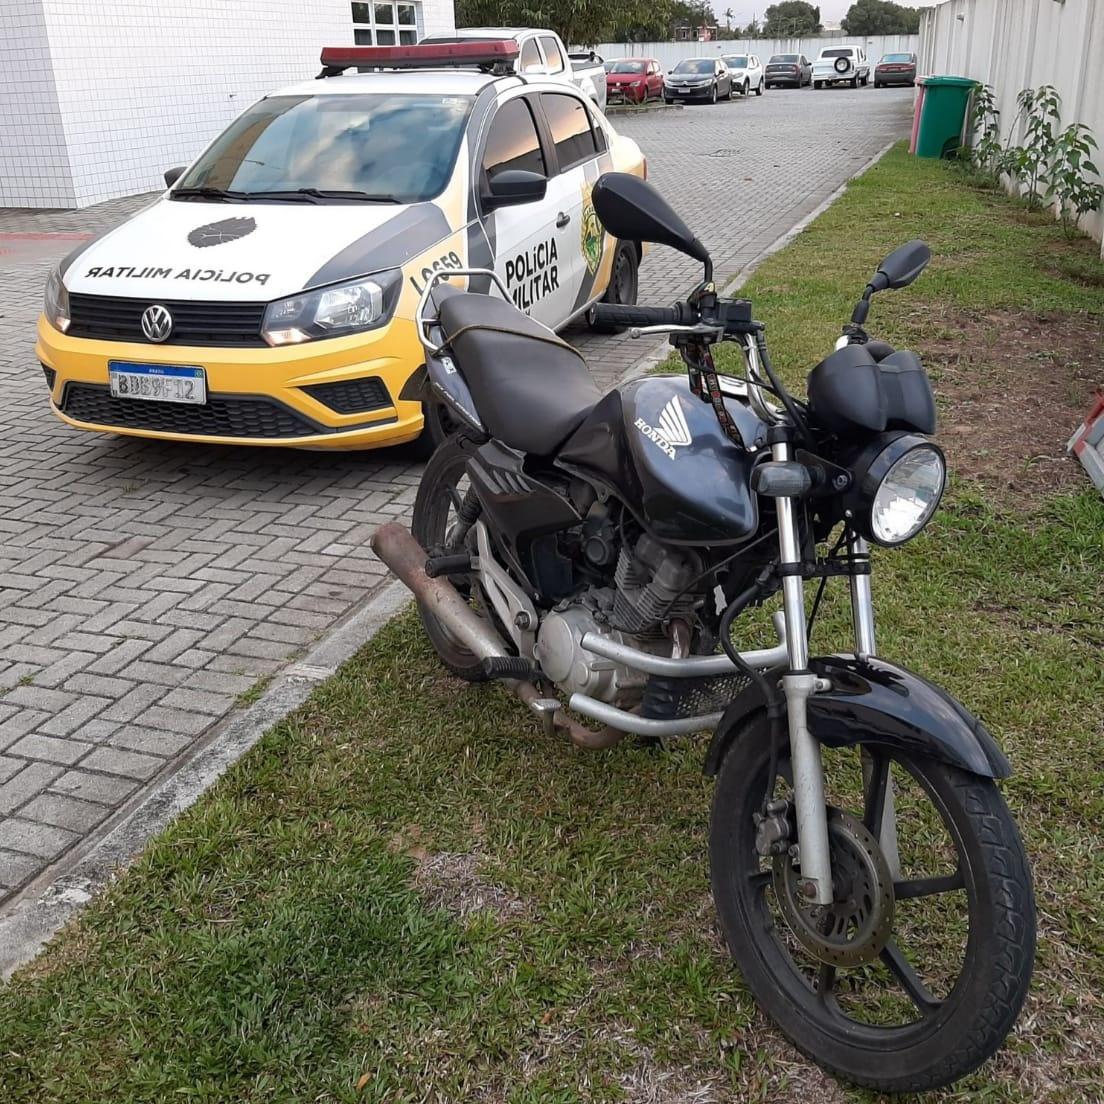 A motocicleta, usada no atentado a tiros, foi apreendida. O alvo dos disparos não foi atingido.